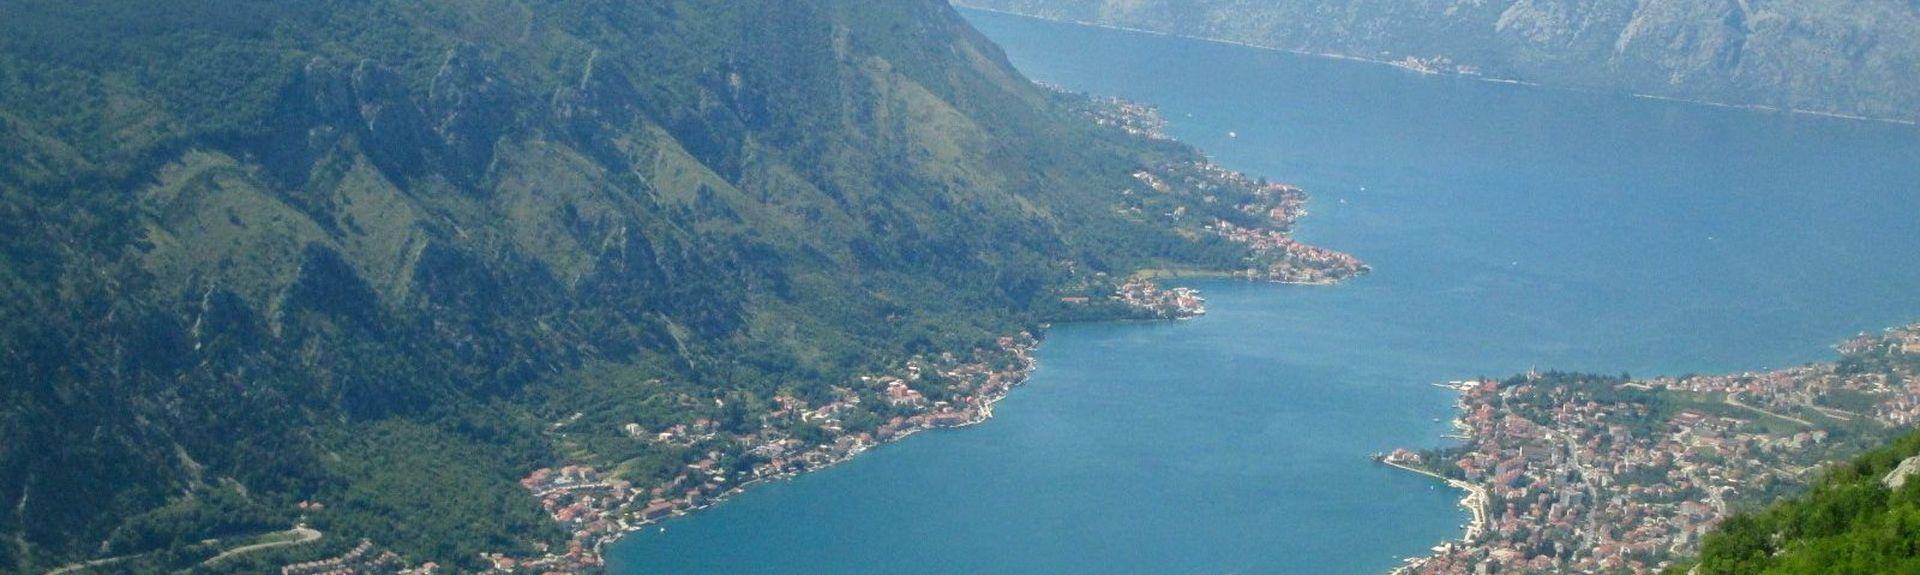 Gornji Morinj, Kotor Municipality, Montenegro